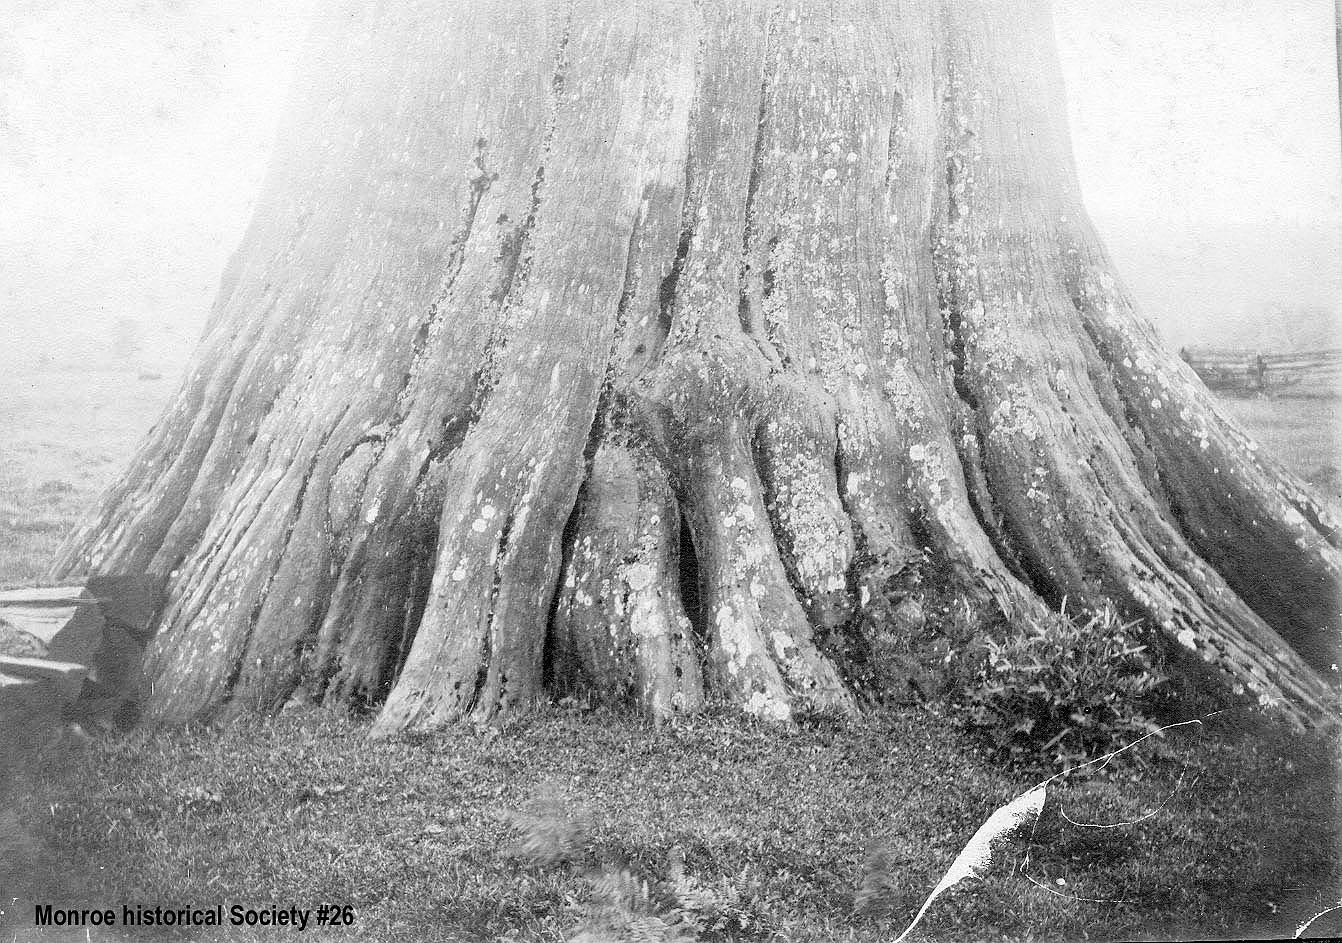 0026 – Large cedar tree, lower trunk